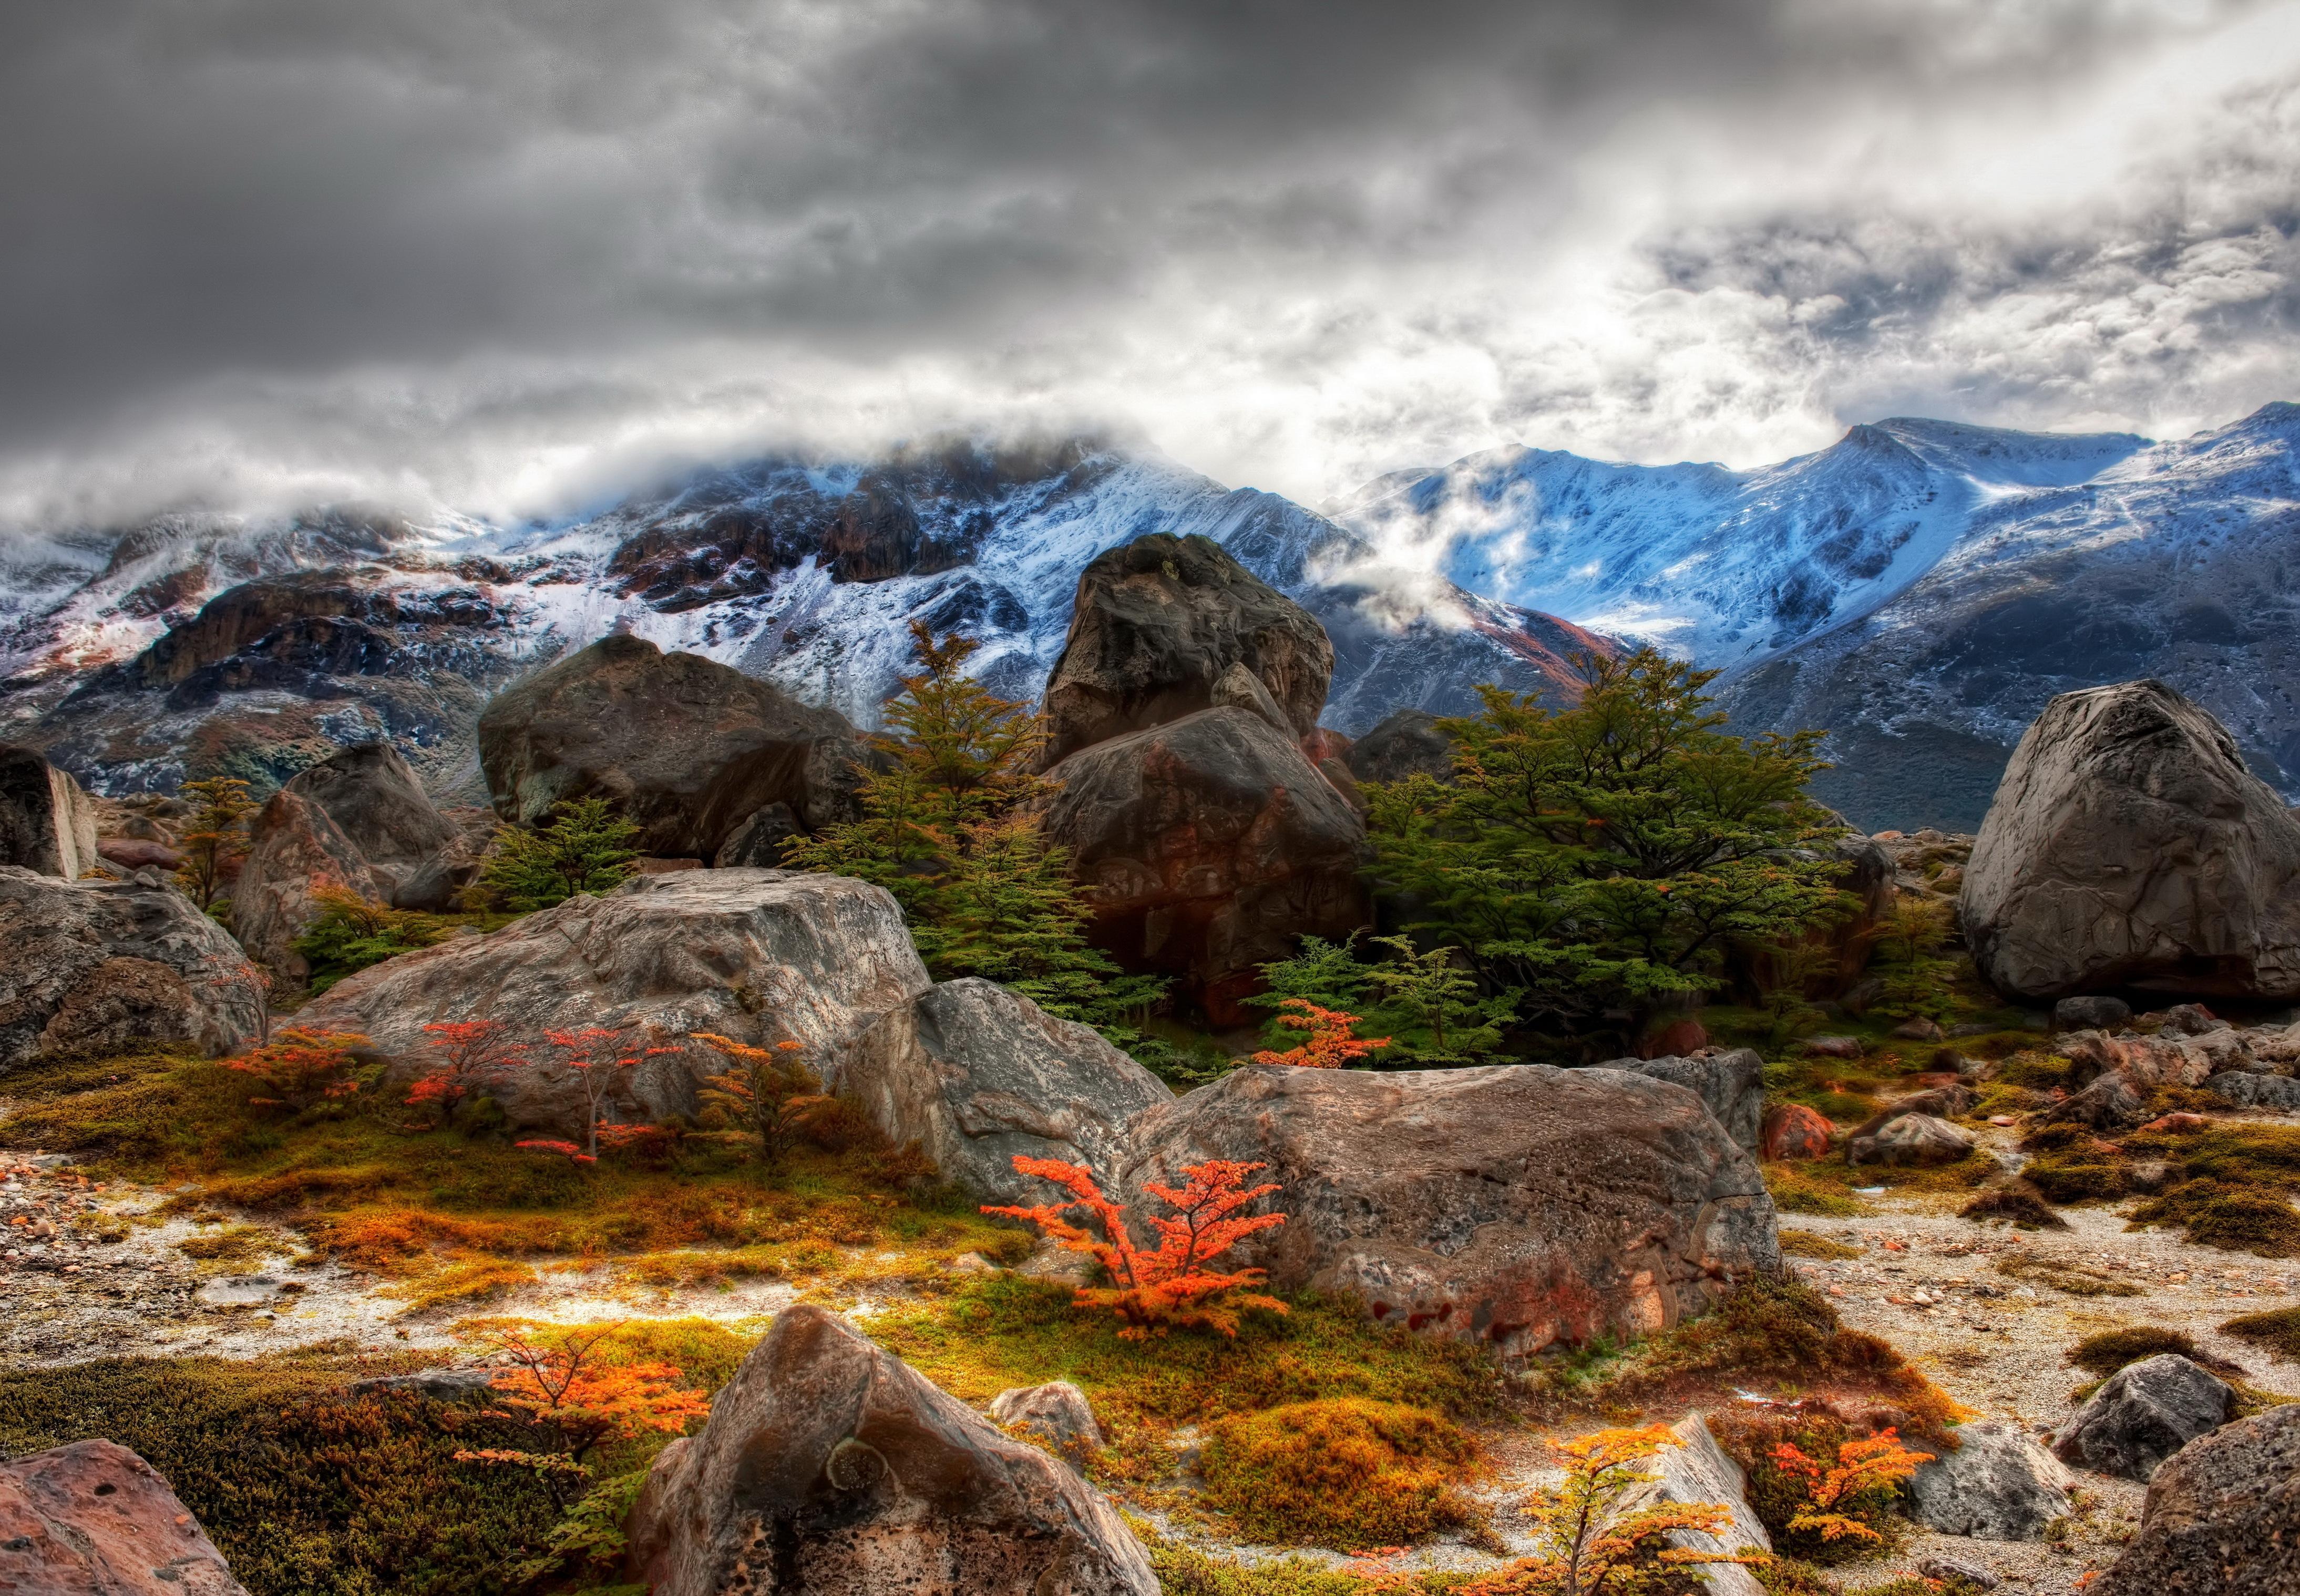 Горы, небо, лес, облака, камни  № 3240734 без смс